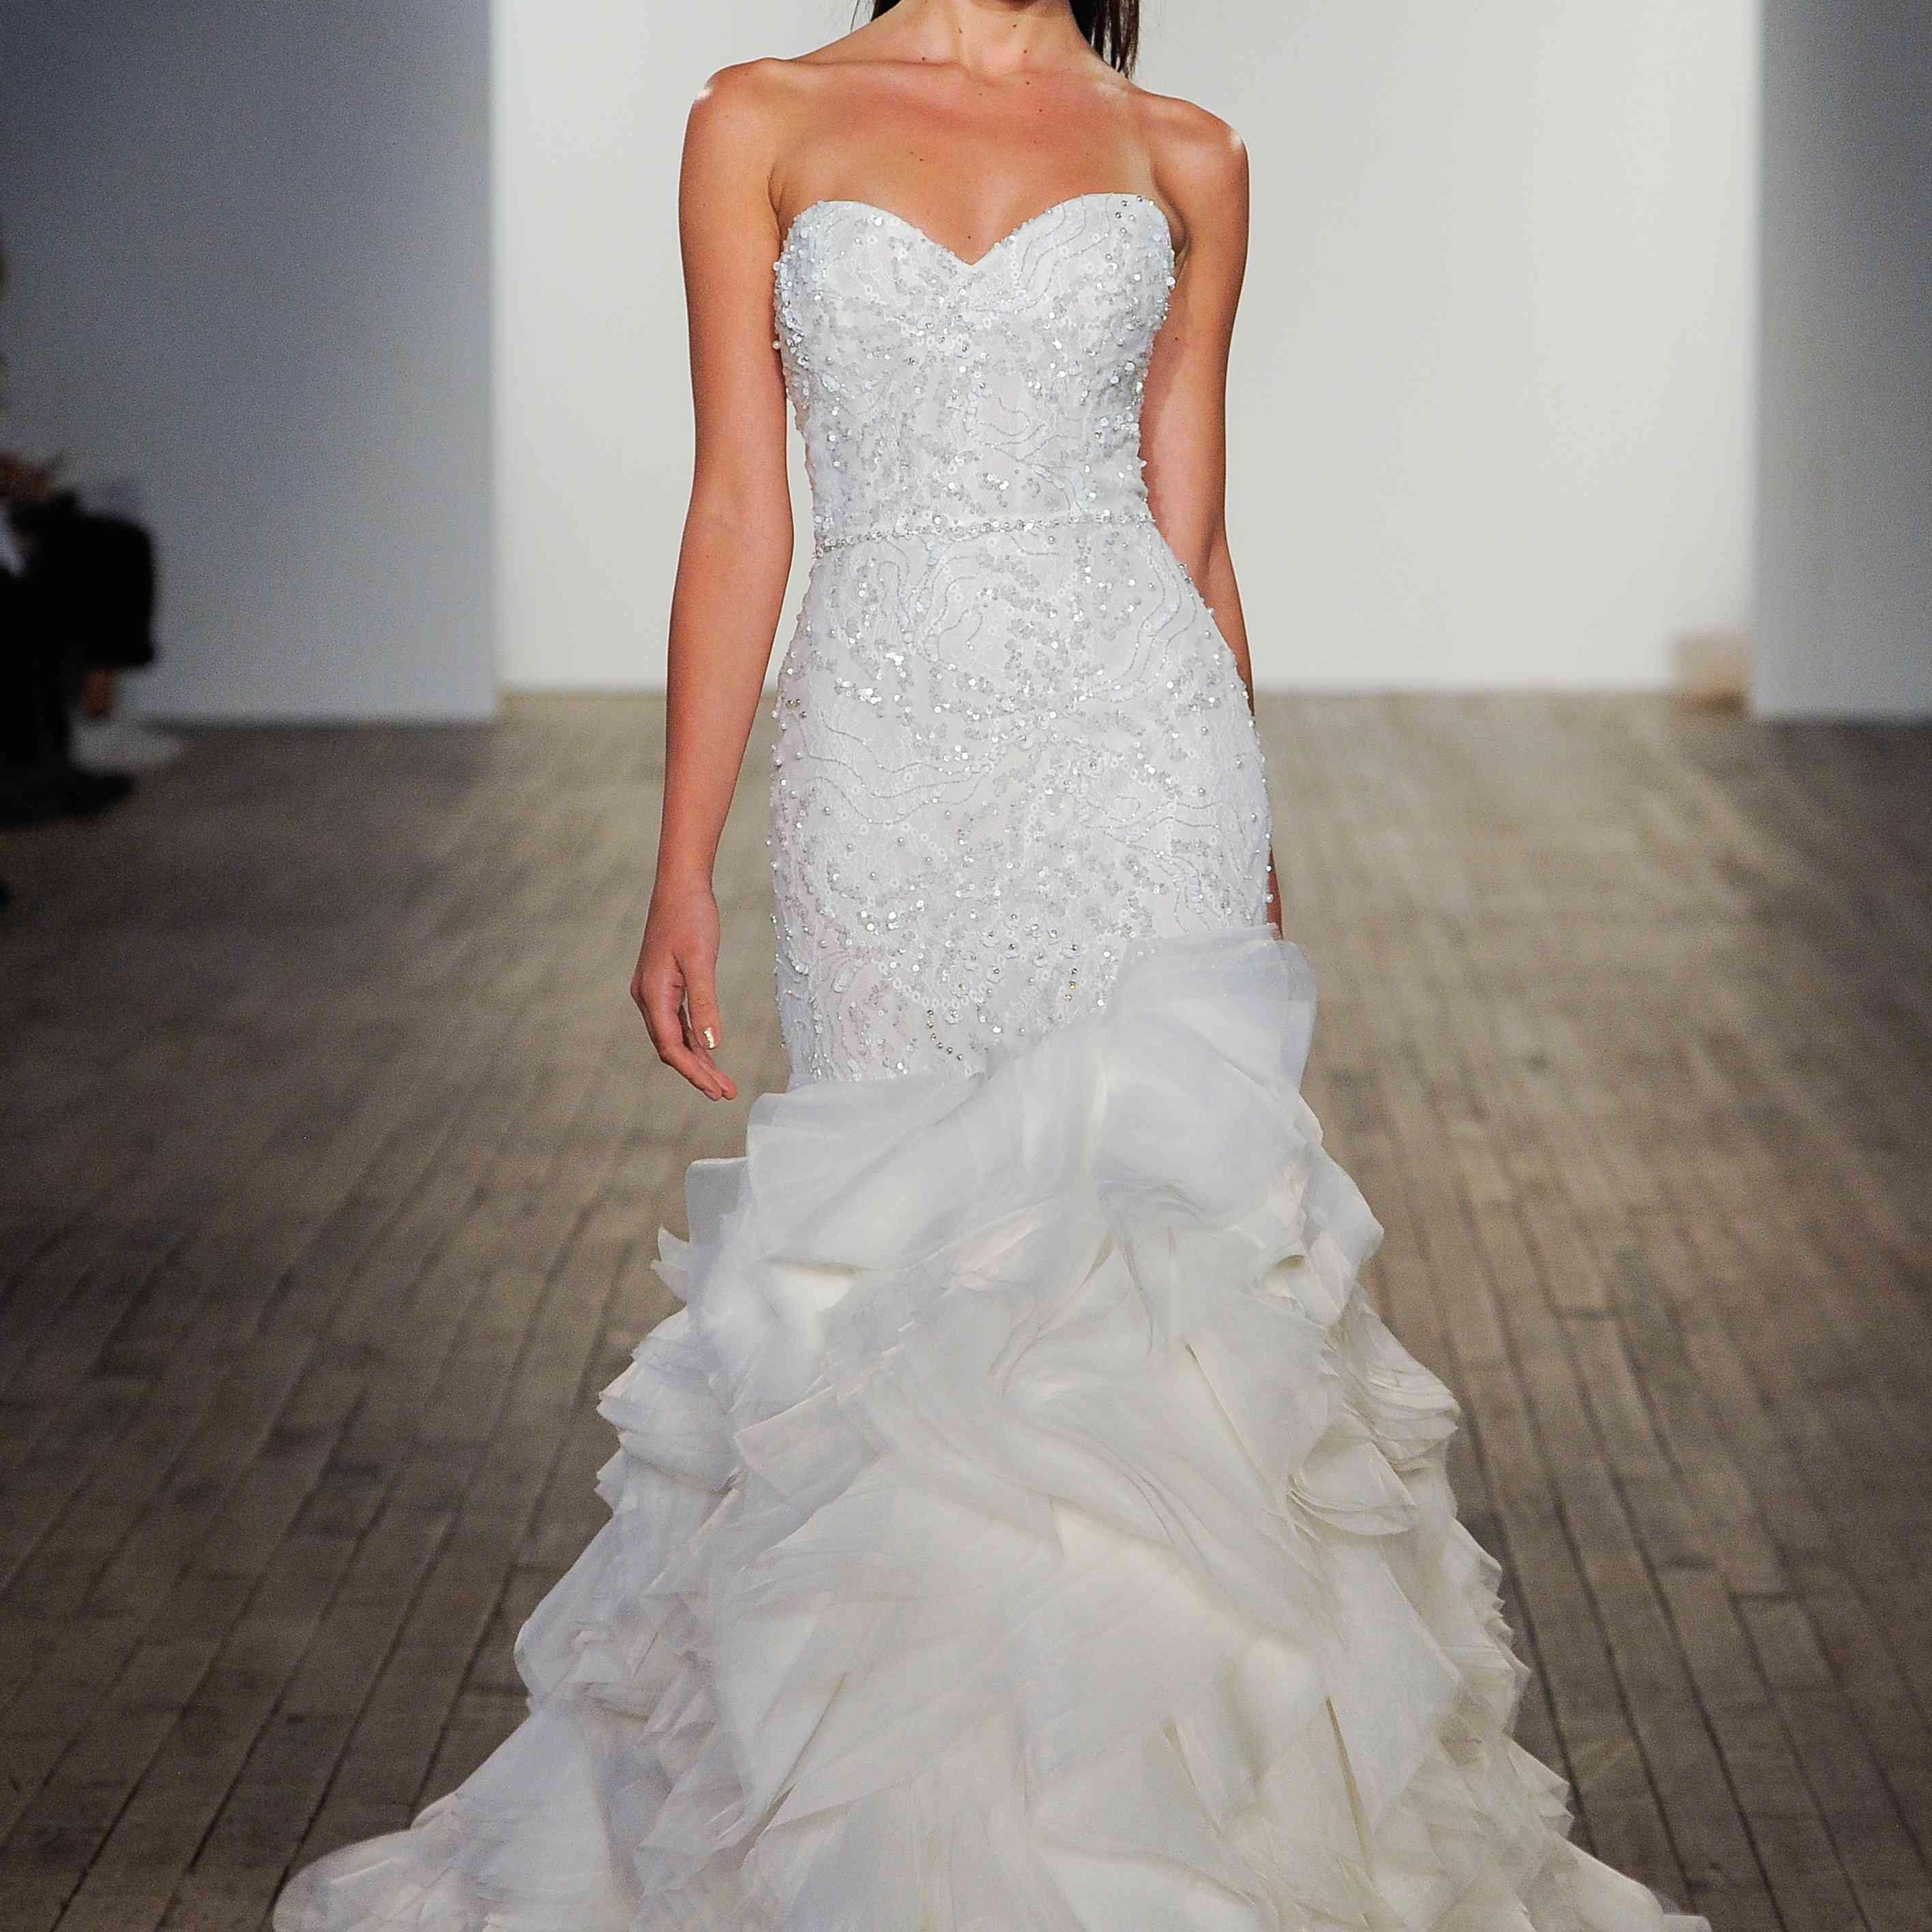 Stephanie strapless mermaid wedding dress